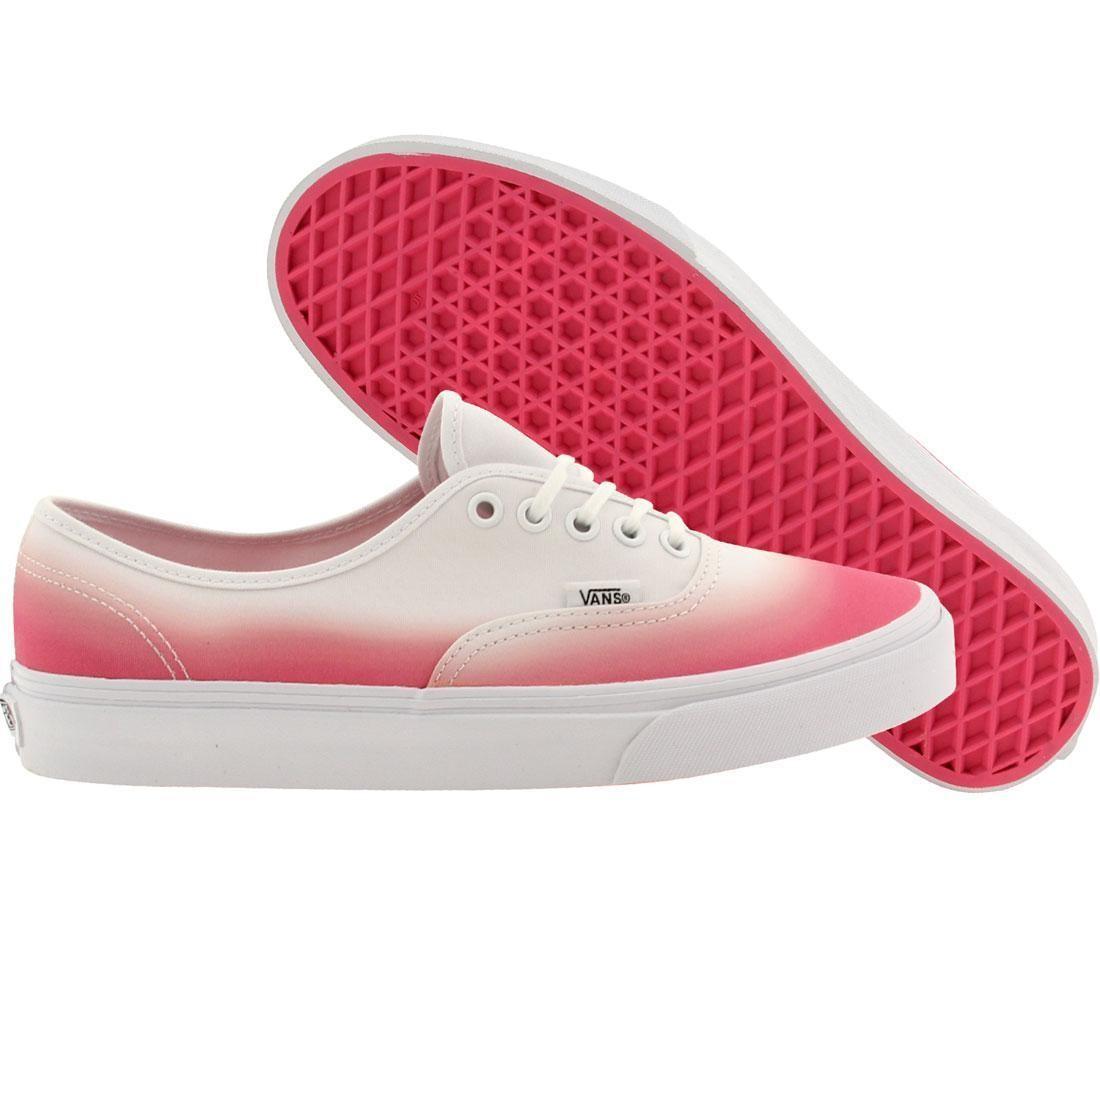 Vans Men Authentic - Ombre pink white